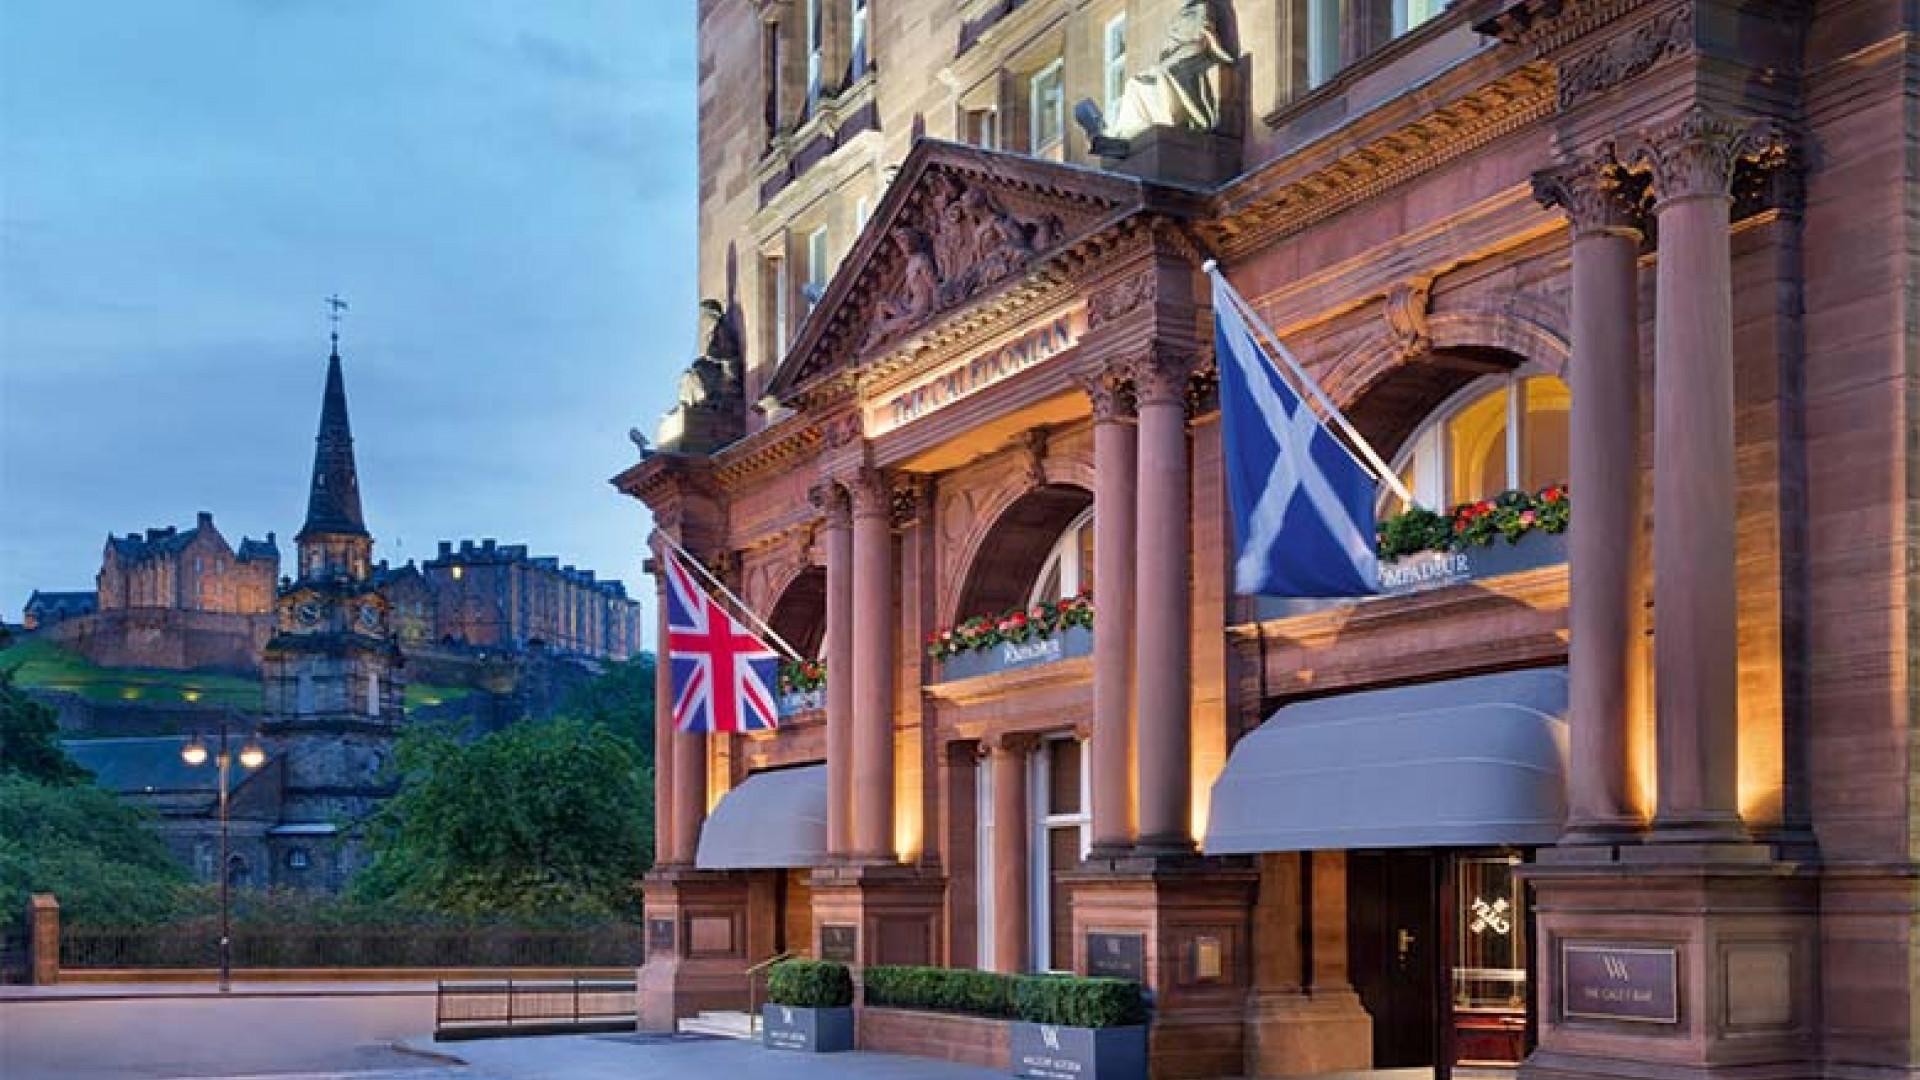 The Caledonian Edinburgh exterior